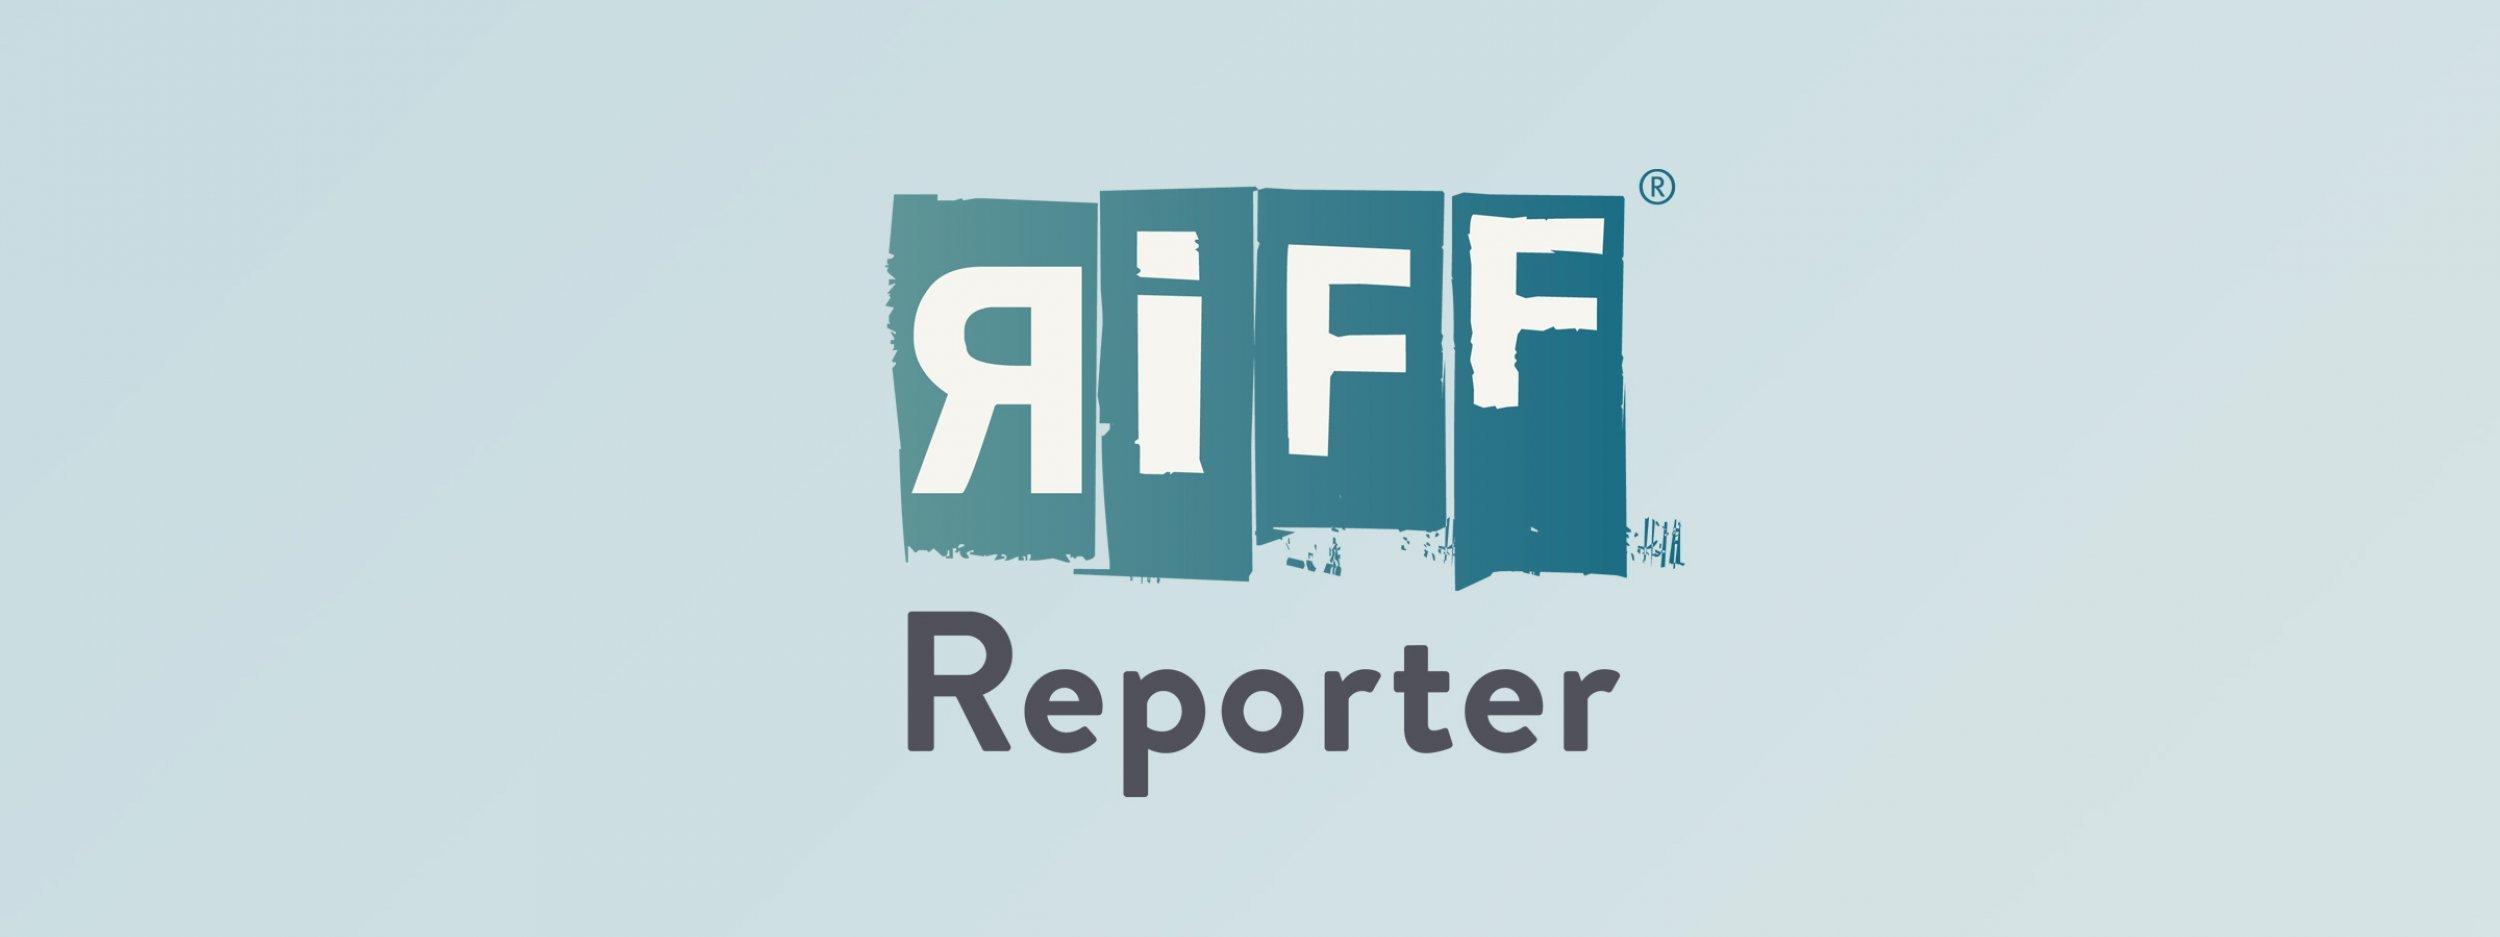 RiffReporter Themenmagazin: Klima wandeln – Nachhaltige Wege aus der Klimakrise